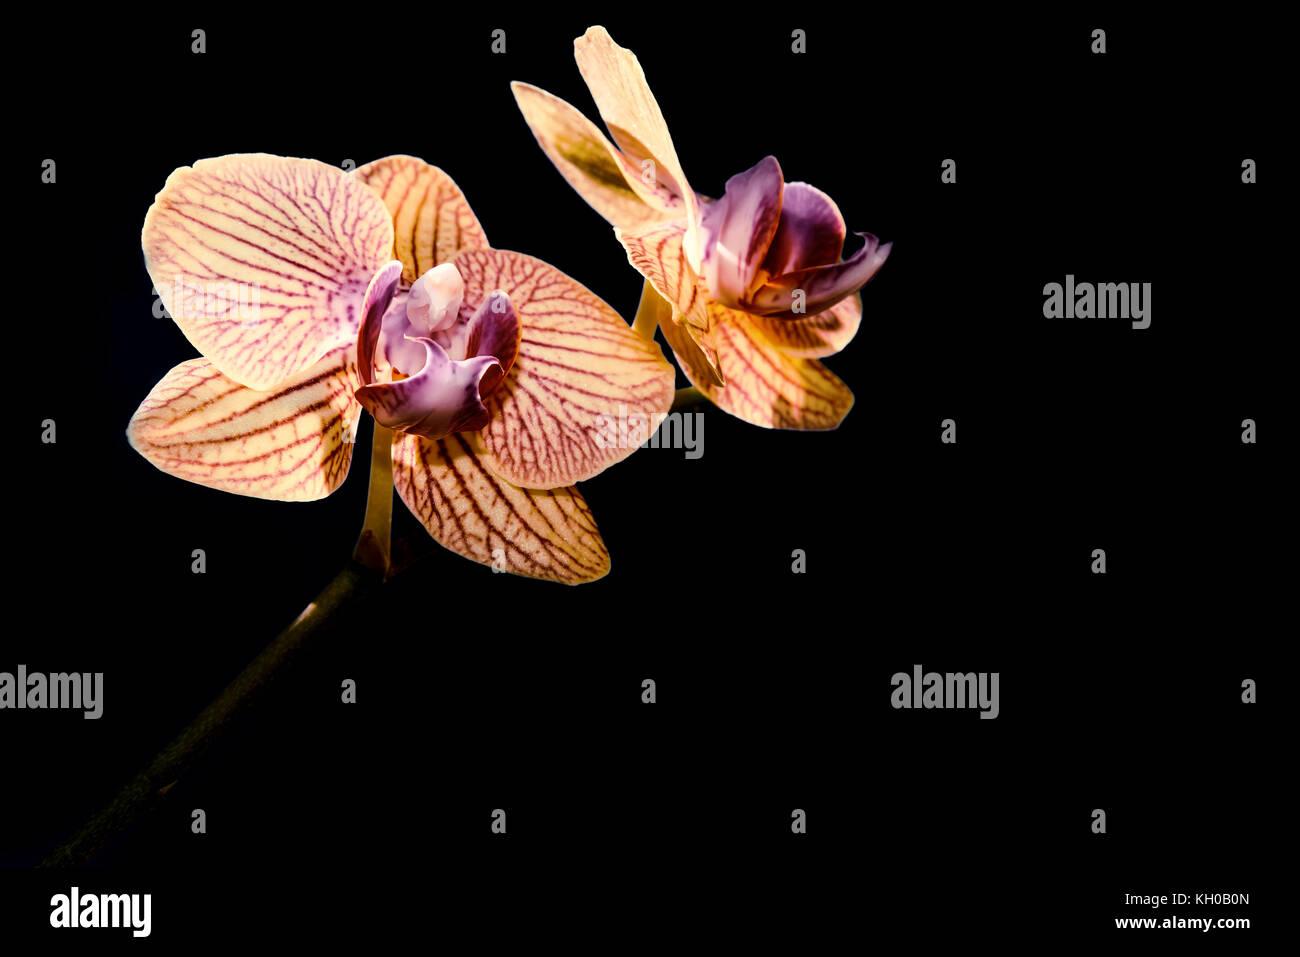 Fiori Gialli Borgogna.Bellissimo Sfondo Floreale Con Delicato Fiore Giallo Orchidee Con